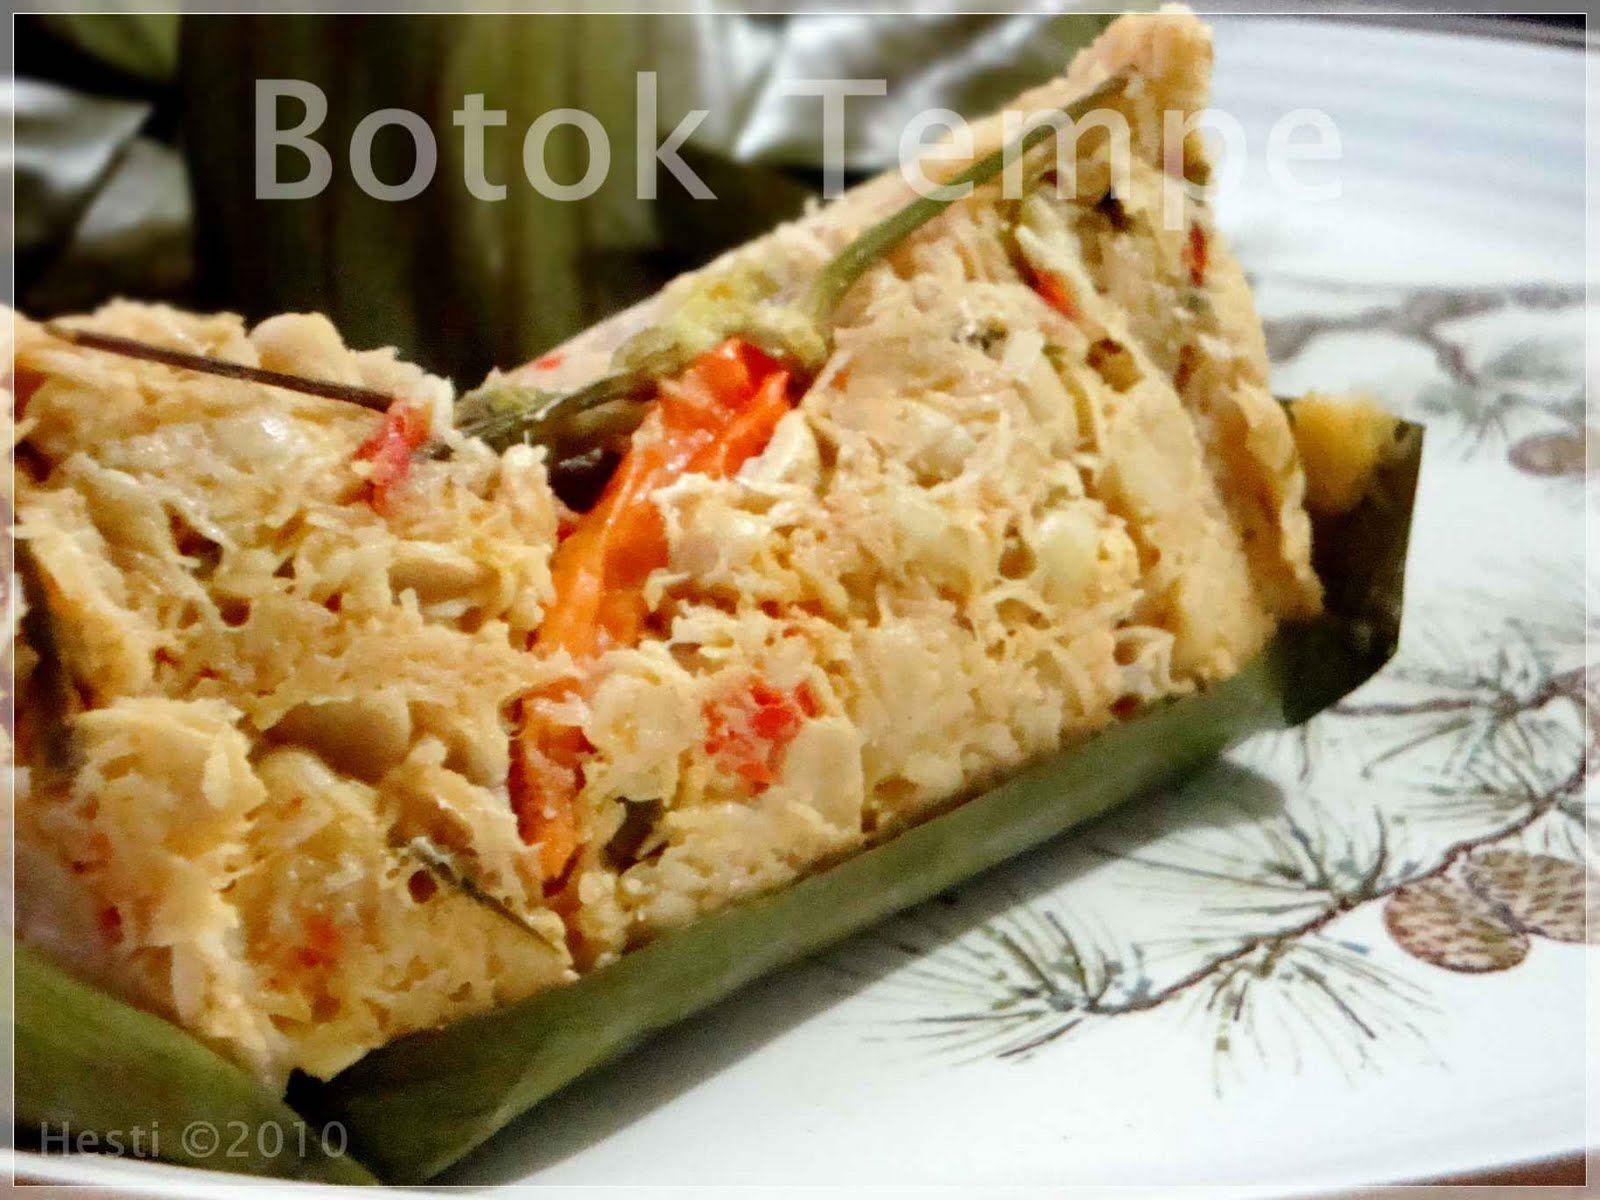 Hesti S Kitchen Yummy For Your Tummy Botok Tempe Resep Masakan Indonesia Makanan Dan Minuman Masakan